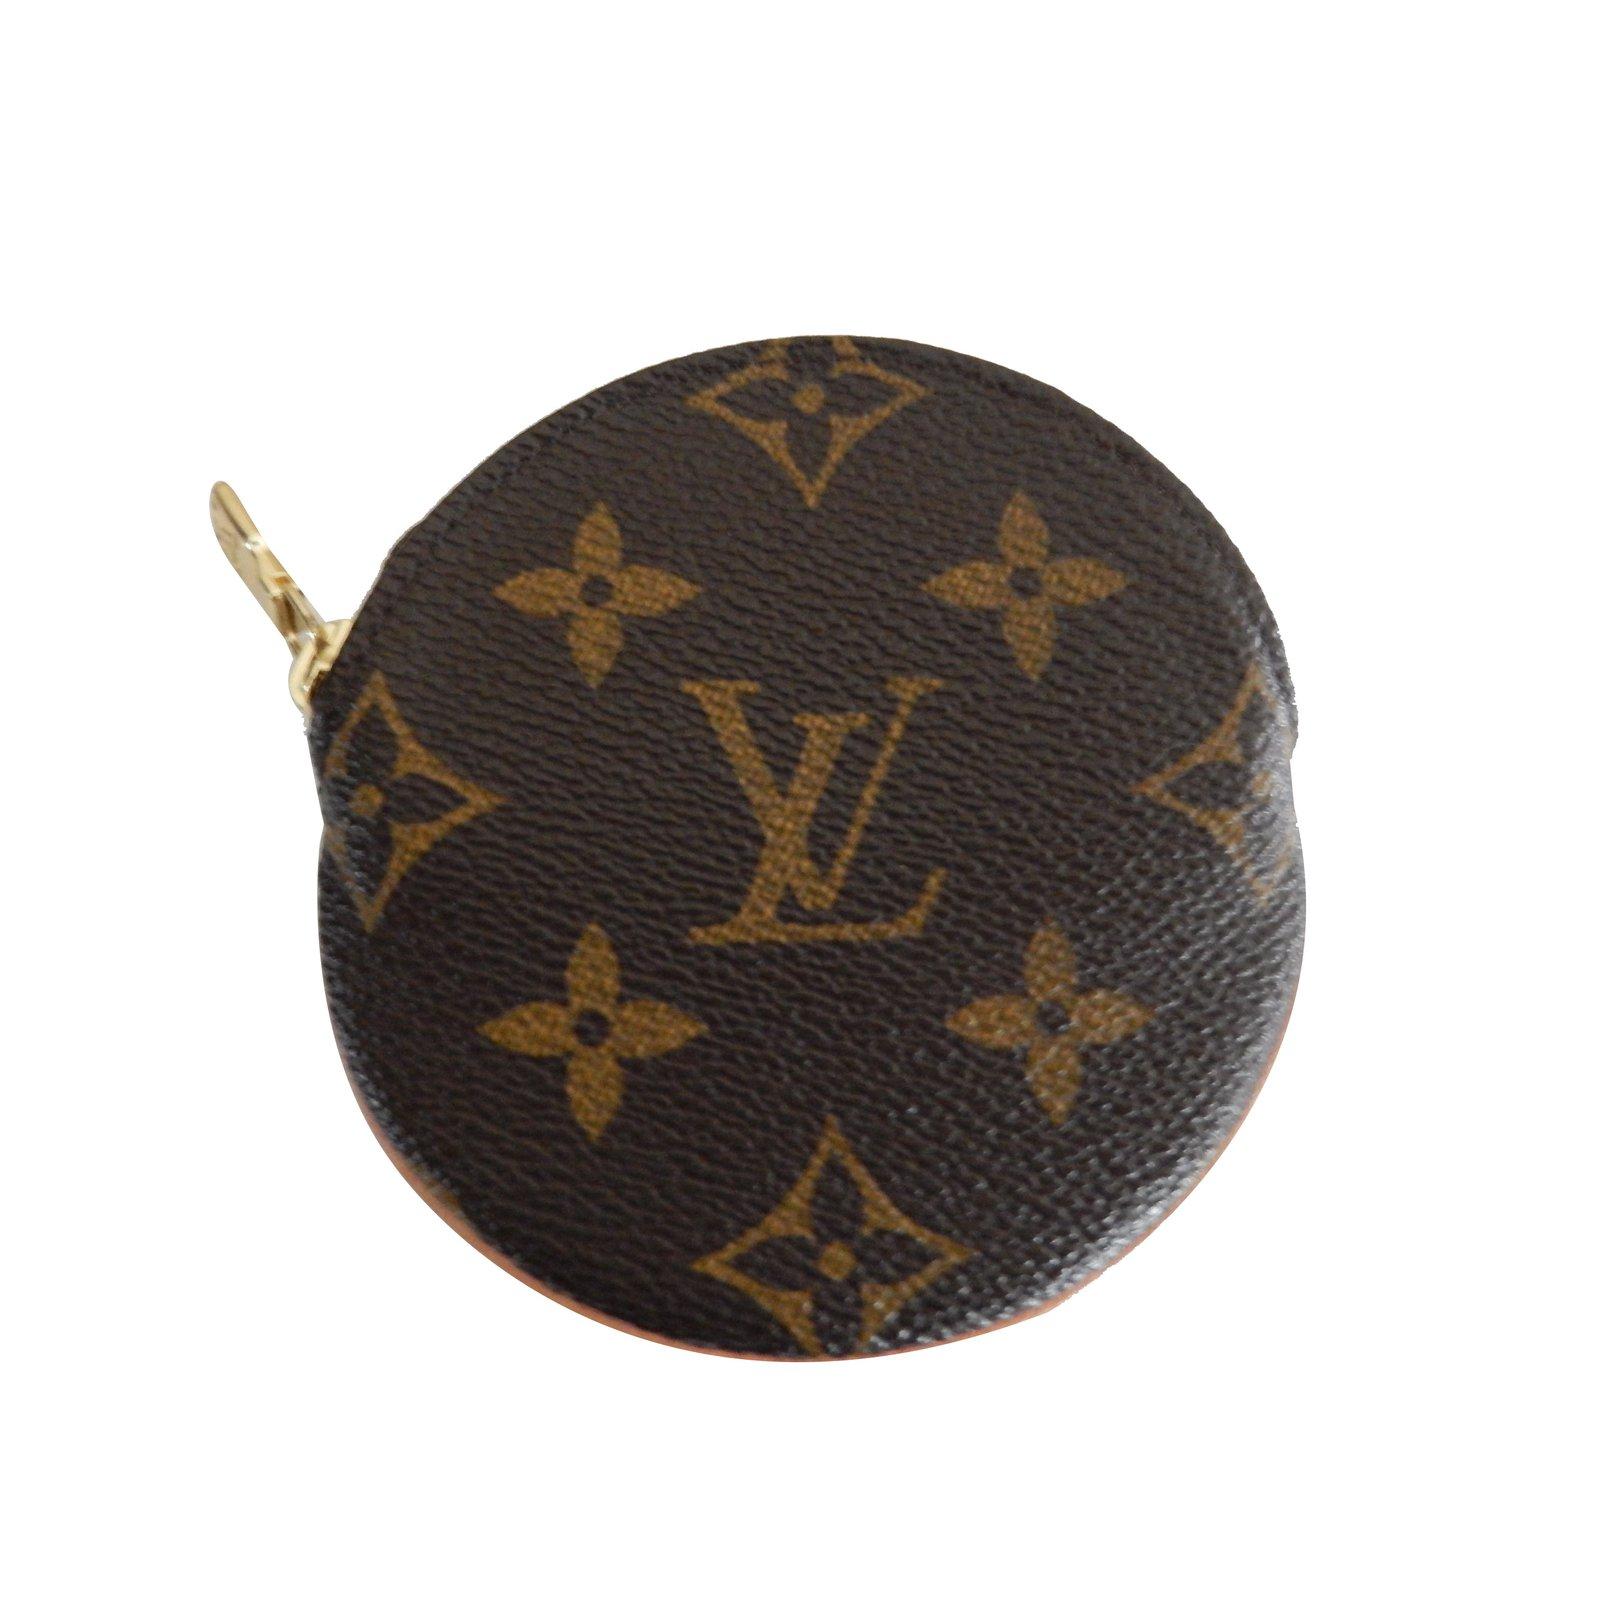 f6260f88ee7 Petite maroquinerie Louis Vuitton Porte monnaie rond Toile Marron ref.24522